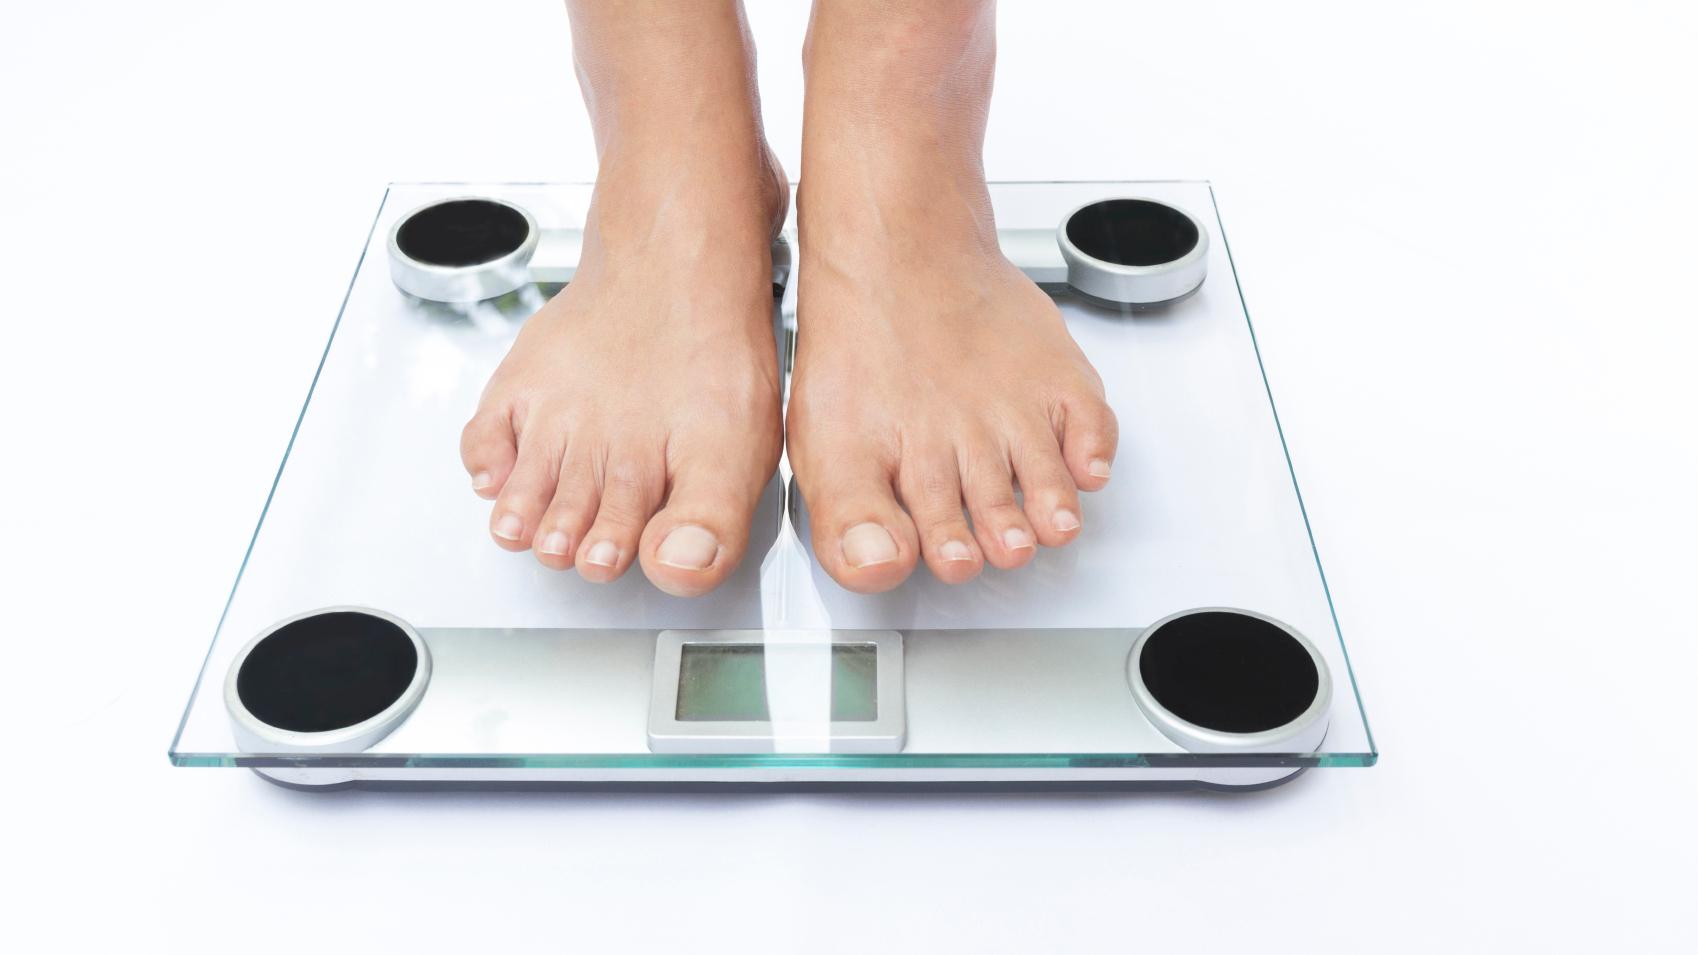 bmi k rpermasseindex berechnen und gesundes idealgewicht. Black Bedroom Furniture Sets. Home Design Ideas